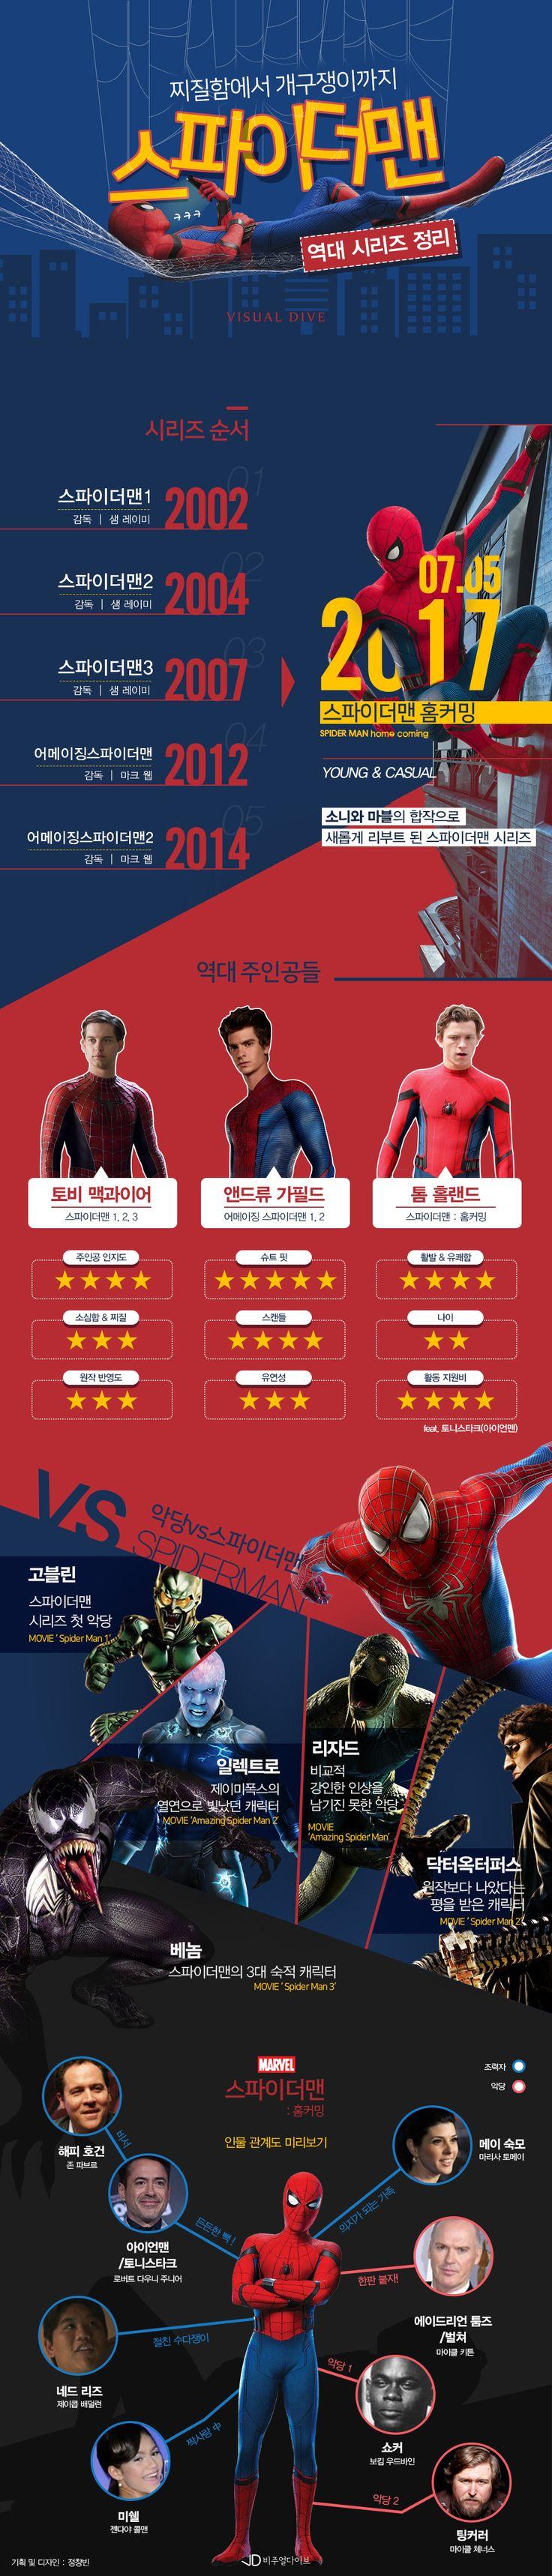 """""""찌질이에서 개구쟁이까지"""" 역대 스파이더맨 정리 [인포그래픽] #spiderman / #Infographic ⓒ 비주얼다이브 무단 복사·전재·재배포 금지"""